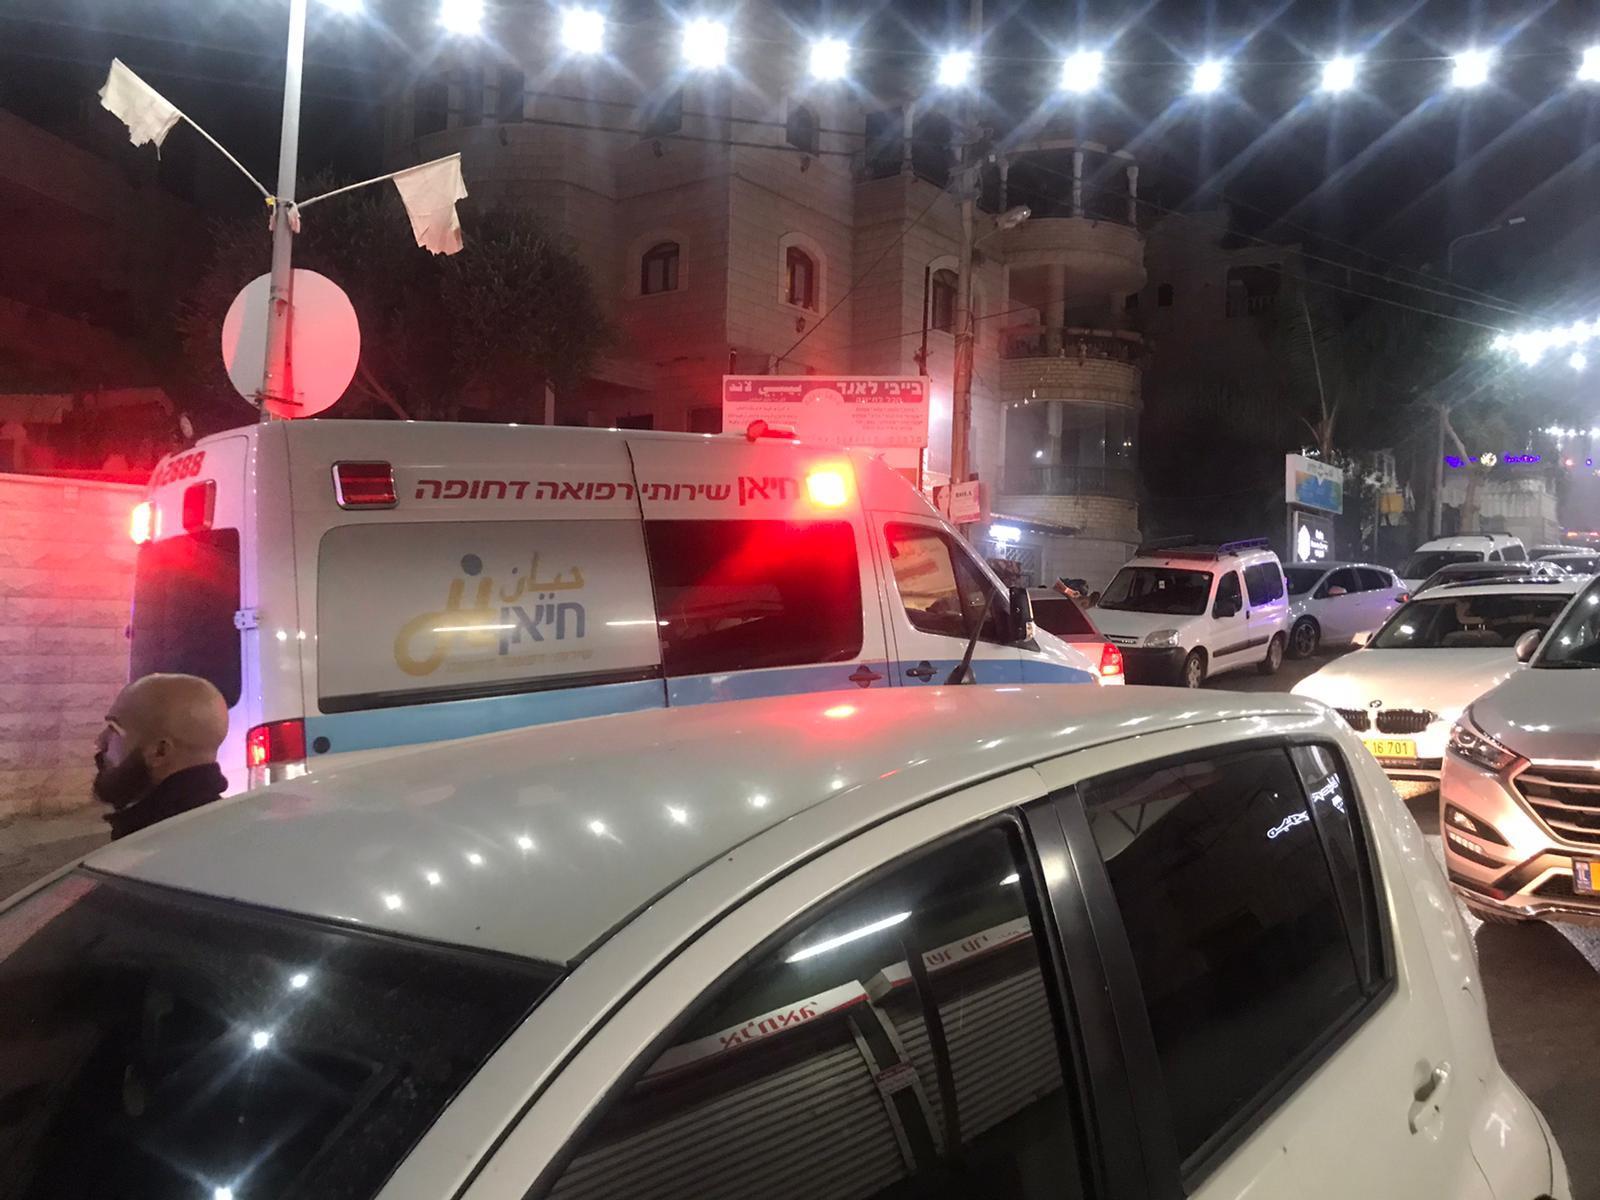 دير الأسد: ألسنة النار تلتهم محلا تجاريا